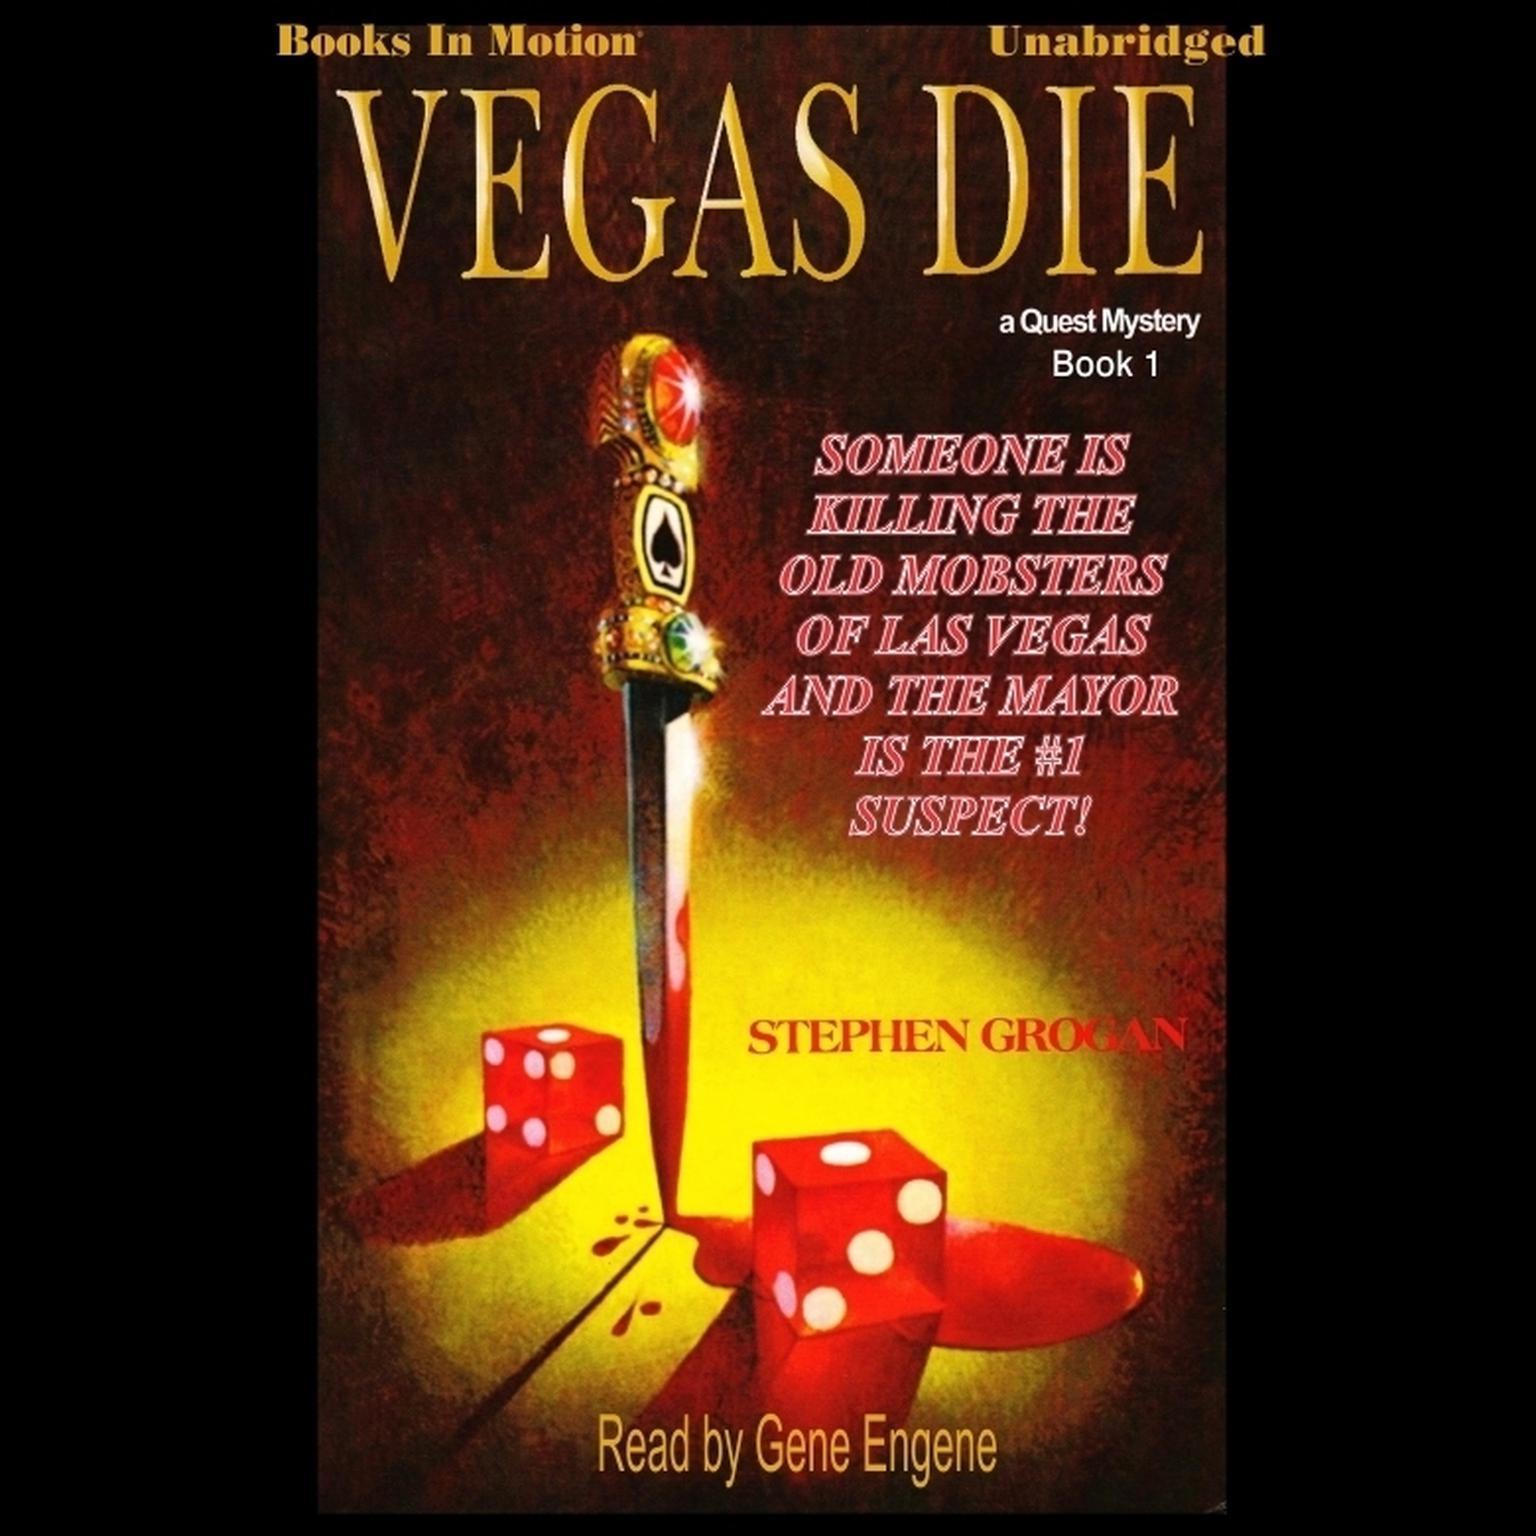 Vegas Die Audiobook, by Stephen Grogan